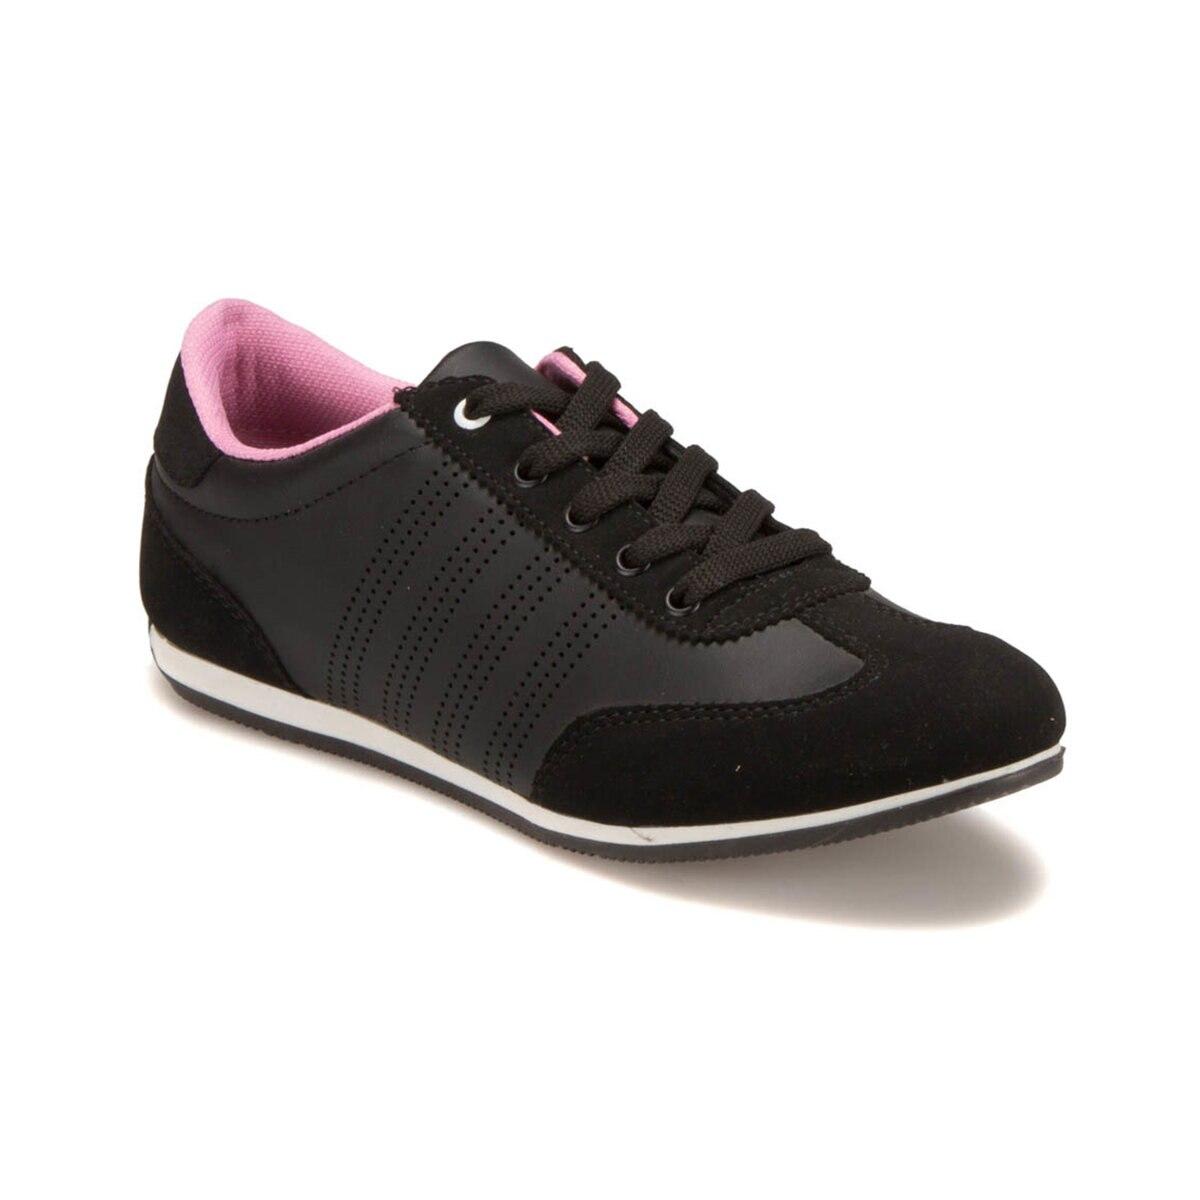 FLO U1204 Black Women 'S Sneaker Shoes Carmens